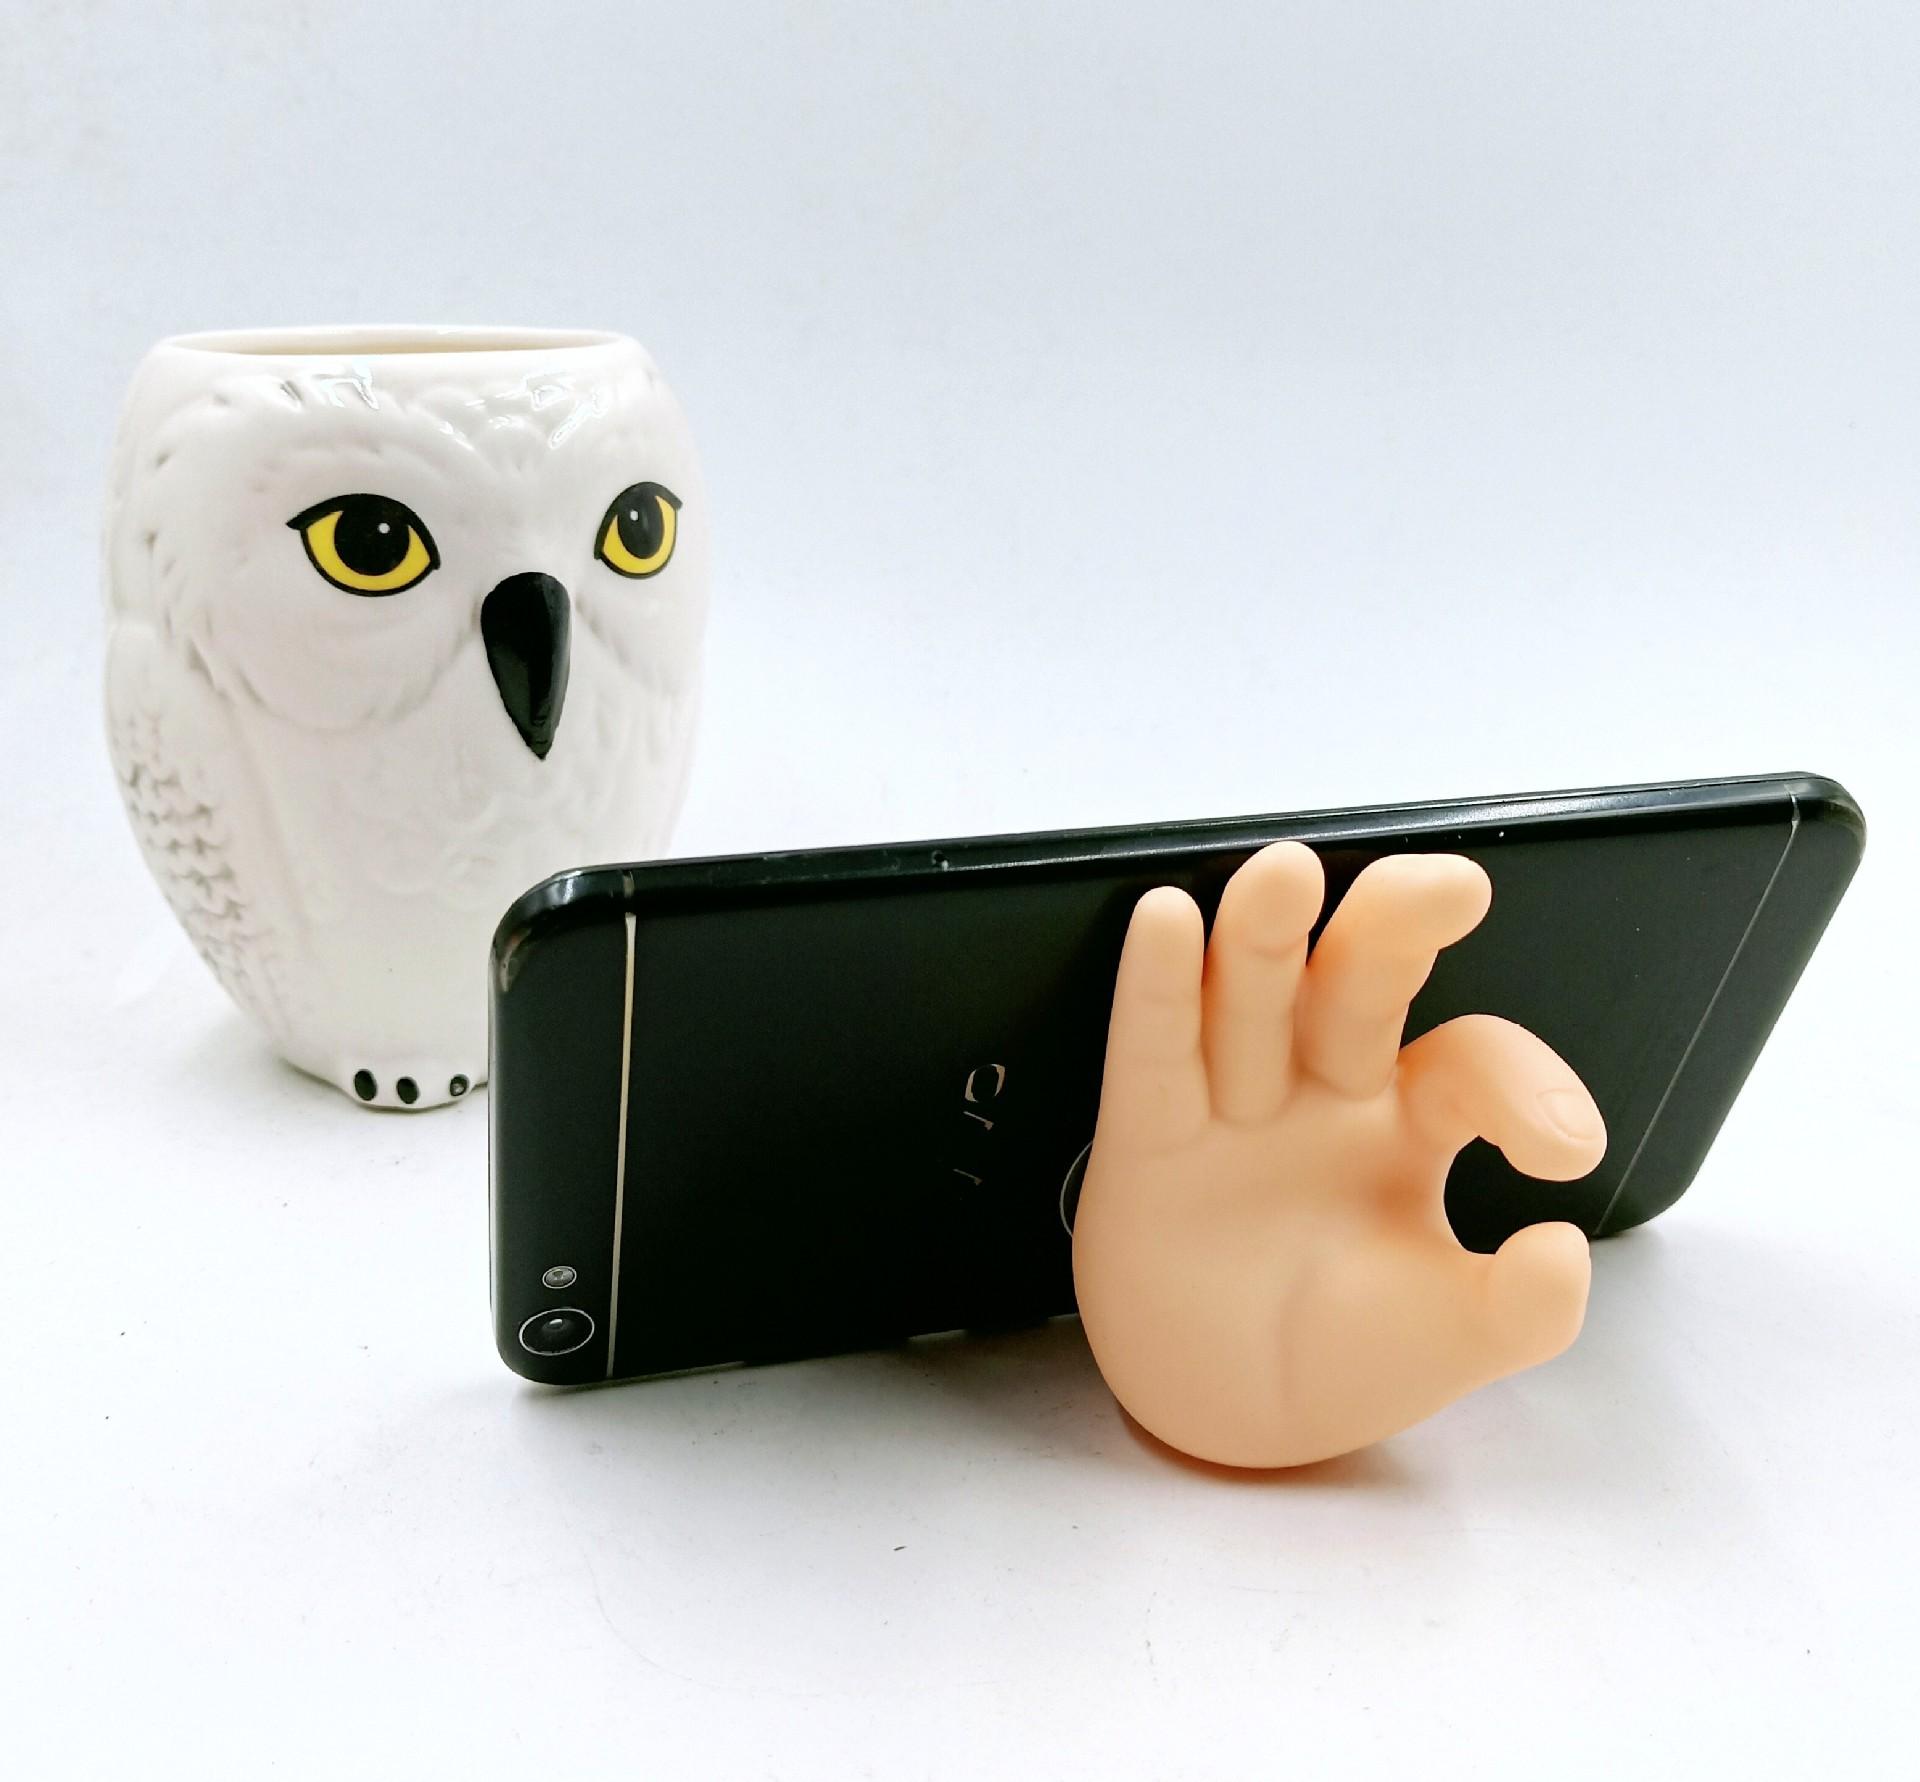 OK手吸盘挂钩耶手指浴室吸盘牙刷架置物架  多功能手机吸盘支架